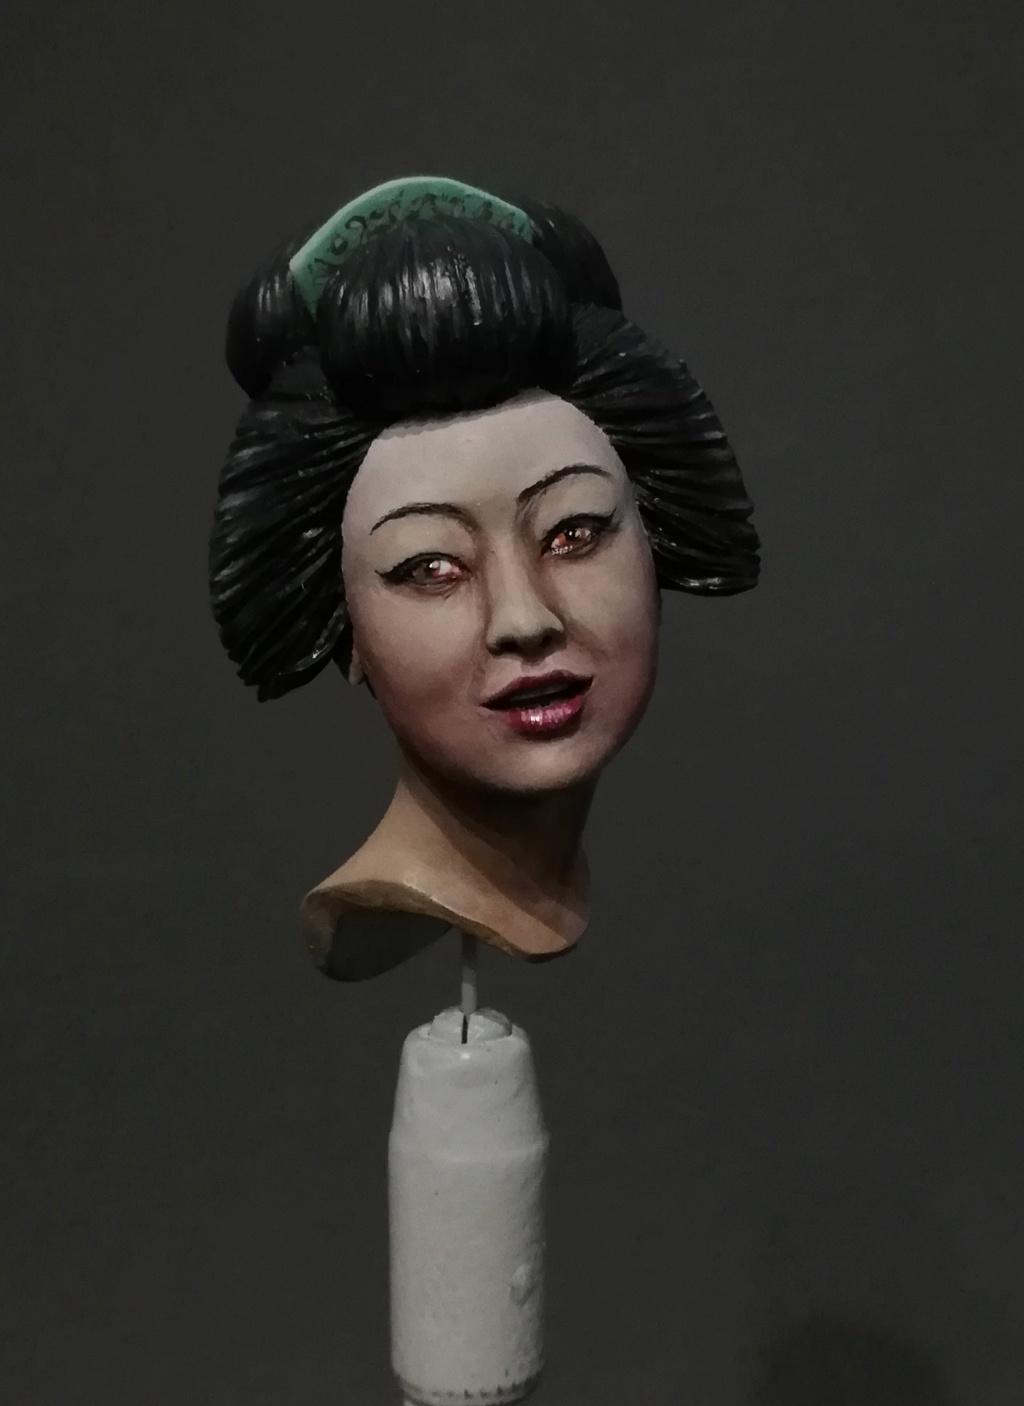 Buste de Geisha terminée - Dernières photos Geisha19